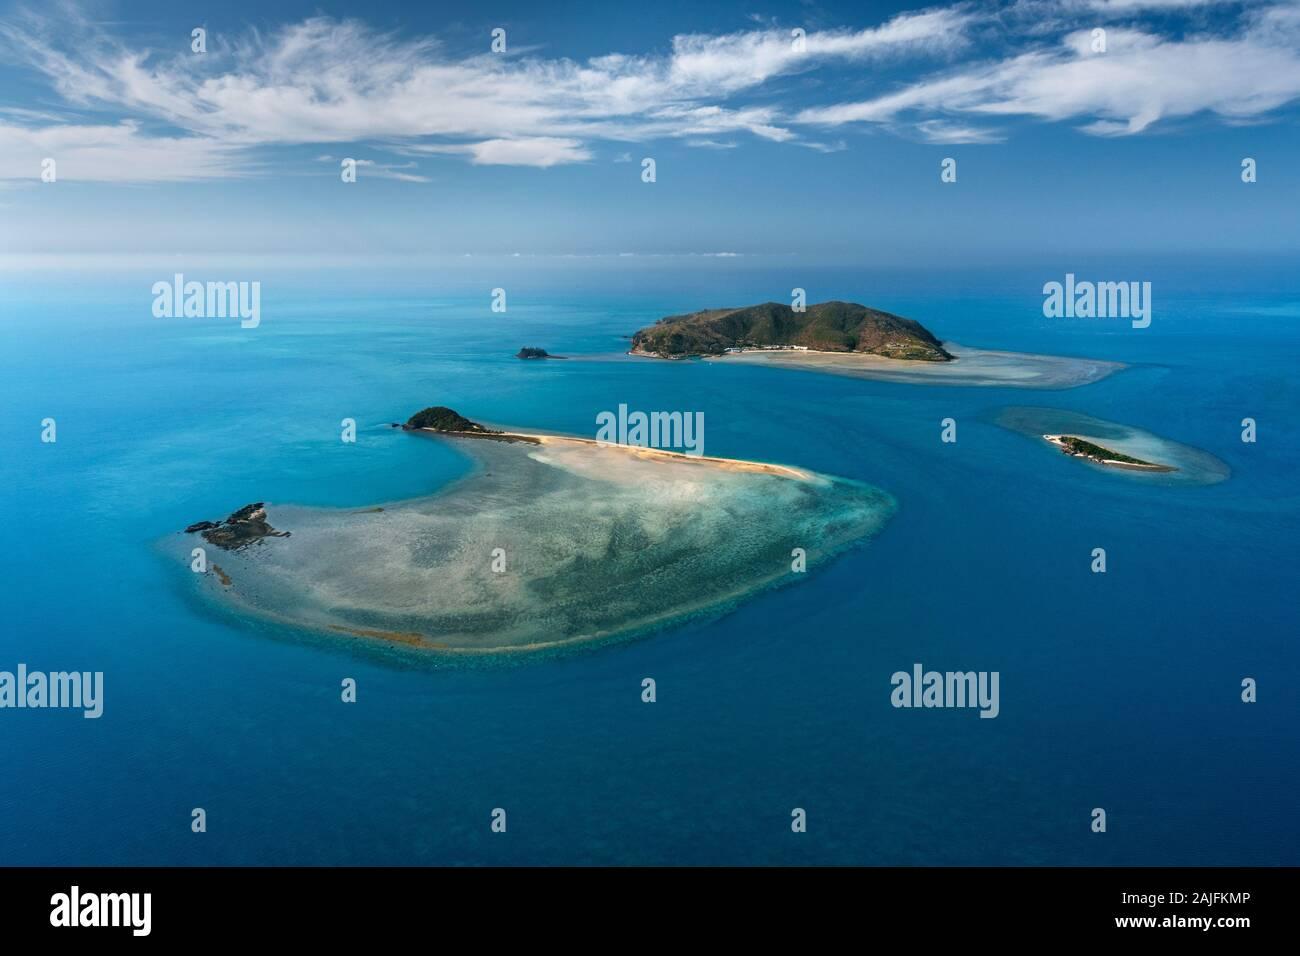 Aérien de l'île Hayman, qui fait partie des célèbres îles Whitsunday. Banque D'Images